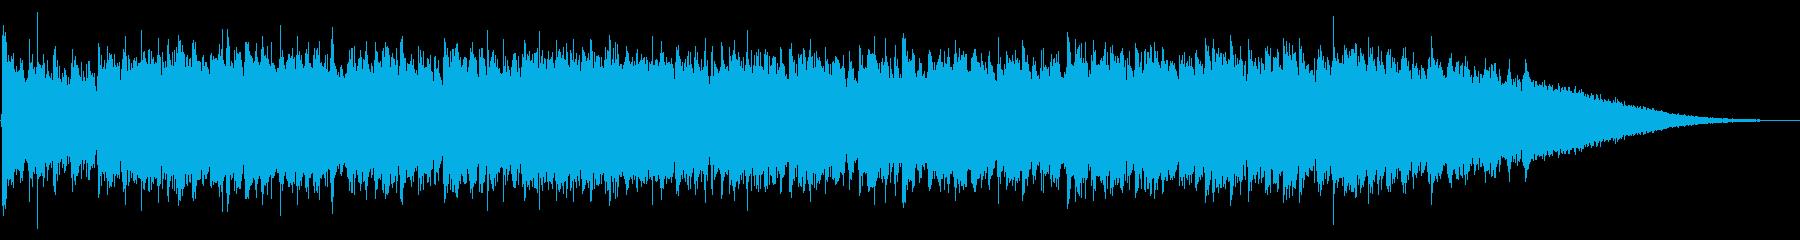 CM・おしゃれで情熱的なフラメンコEDMの再生済みの波形